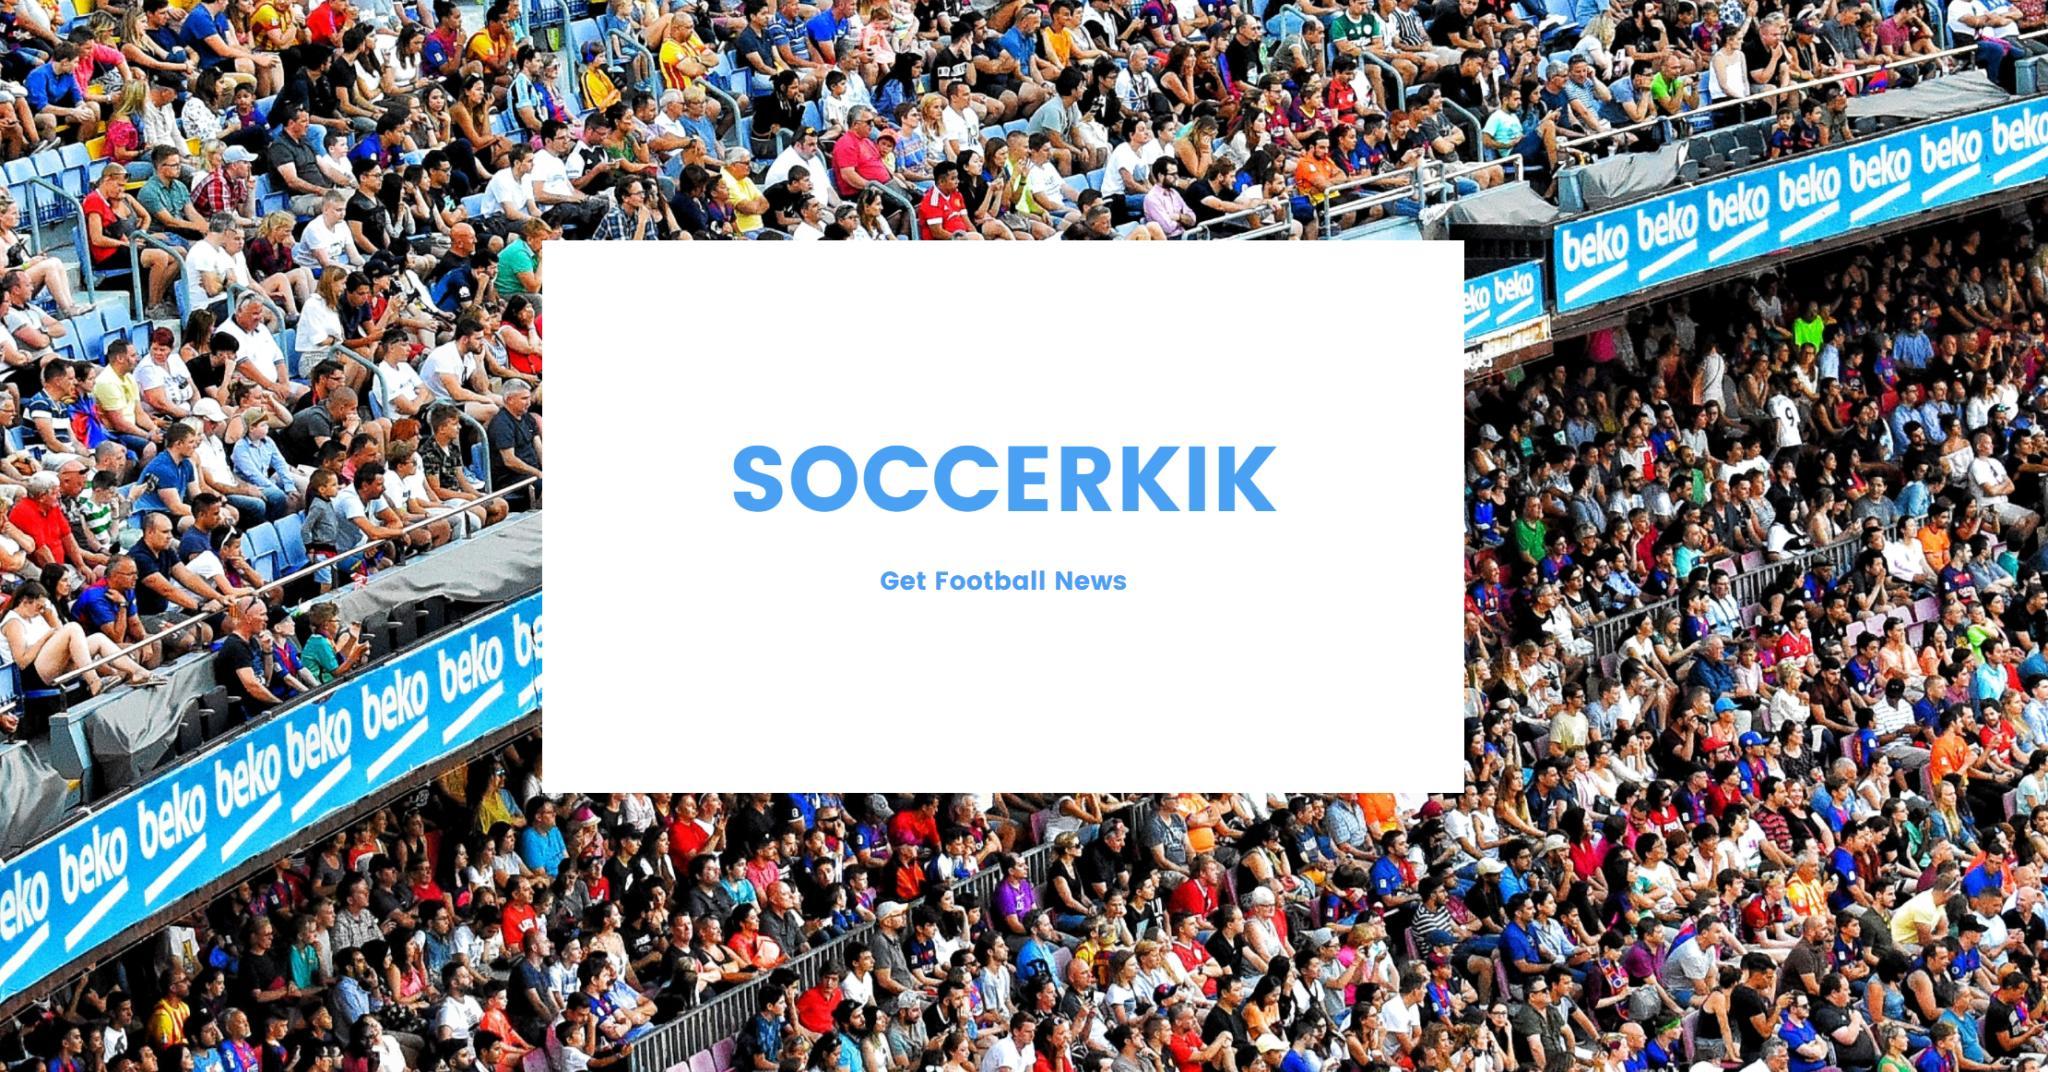 Soccerkik